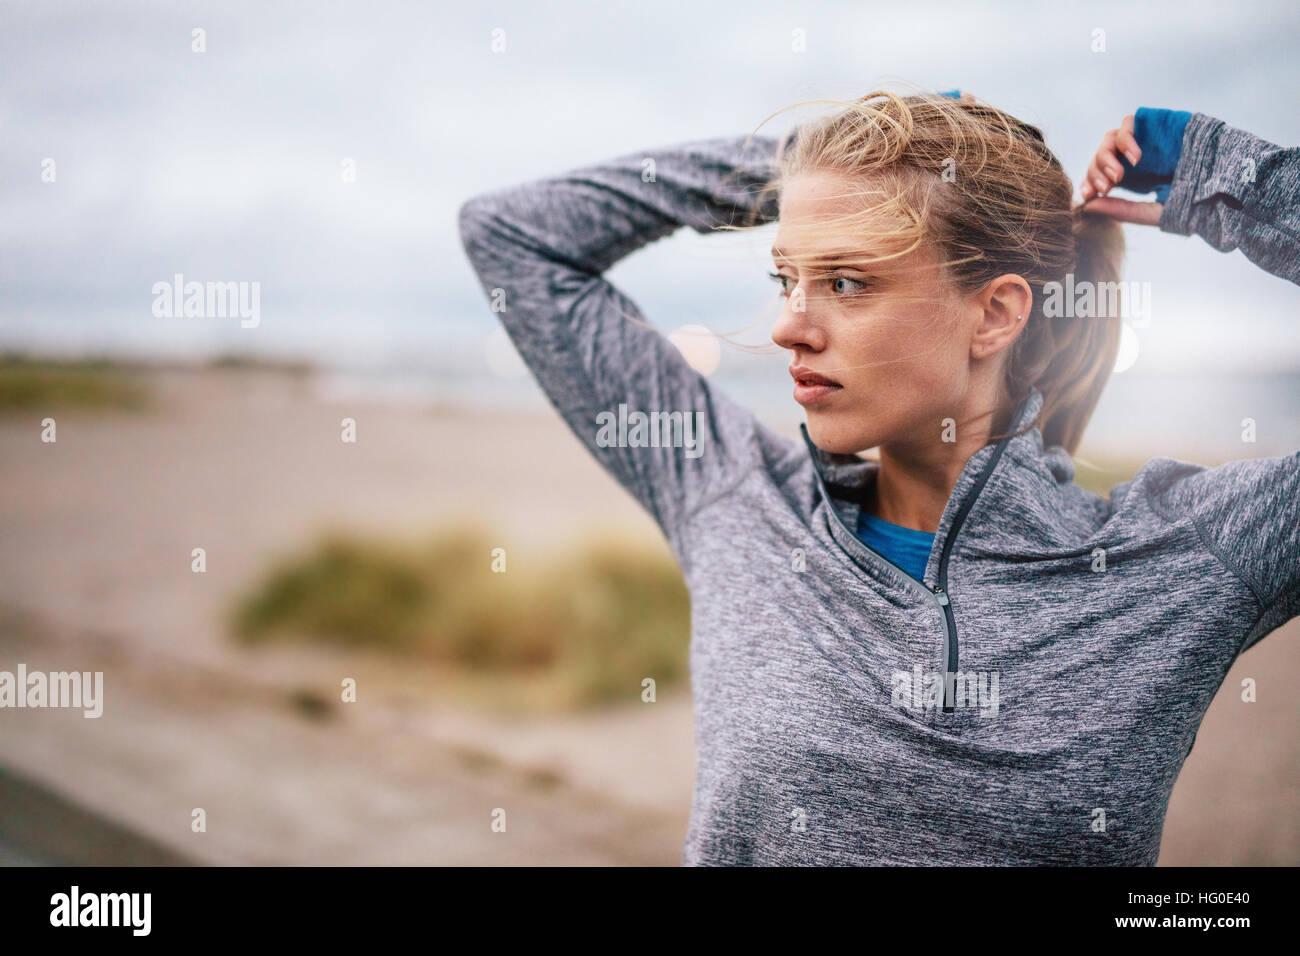 Chiusura del giovane femmina runner occupare capelli prima di un'esecuzione. Sportivo da donna fitness su allenamento Foto Stock